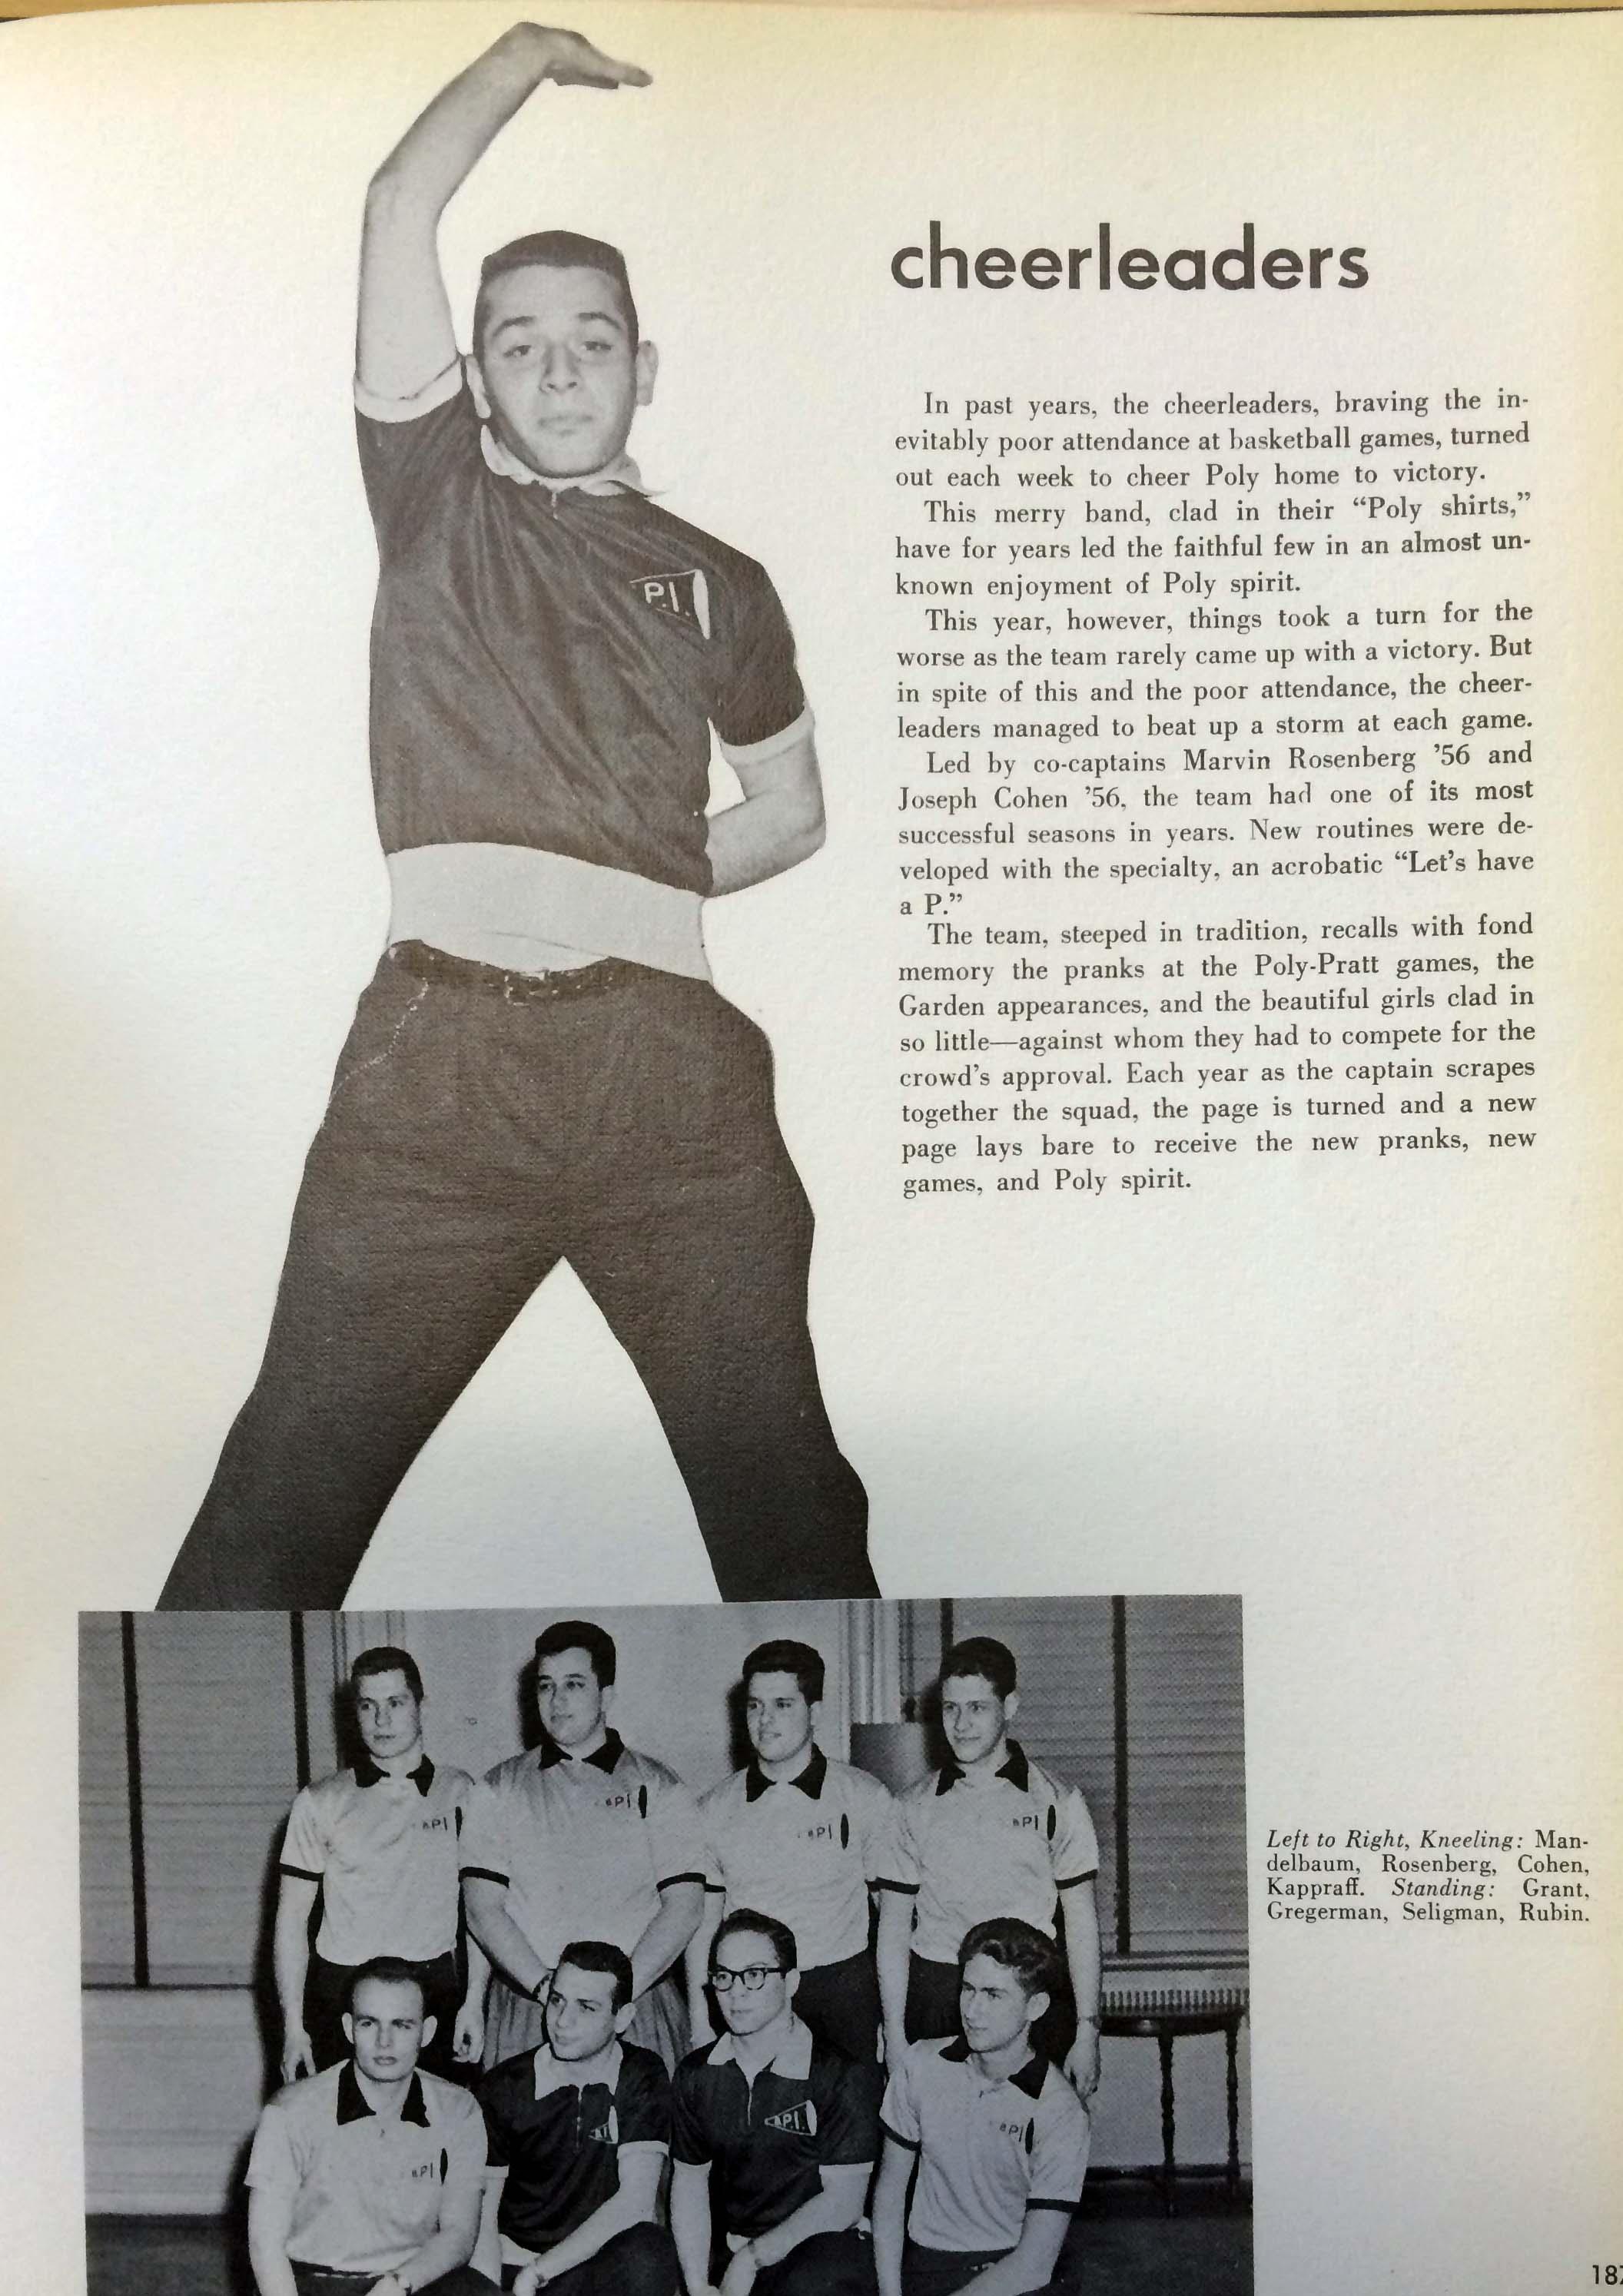 Male cheerleaders yearbook spread.